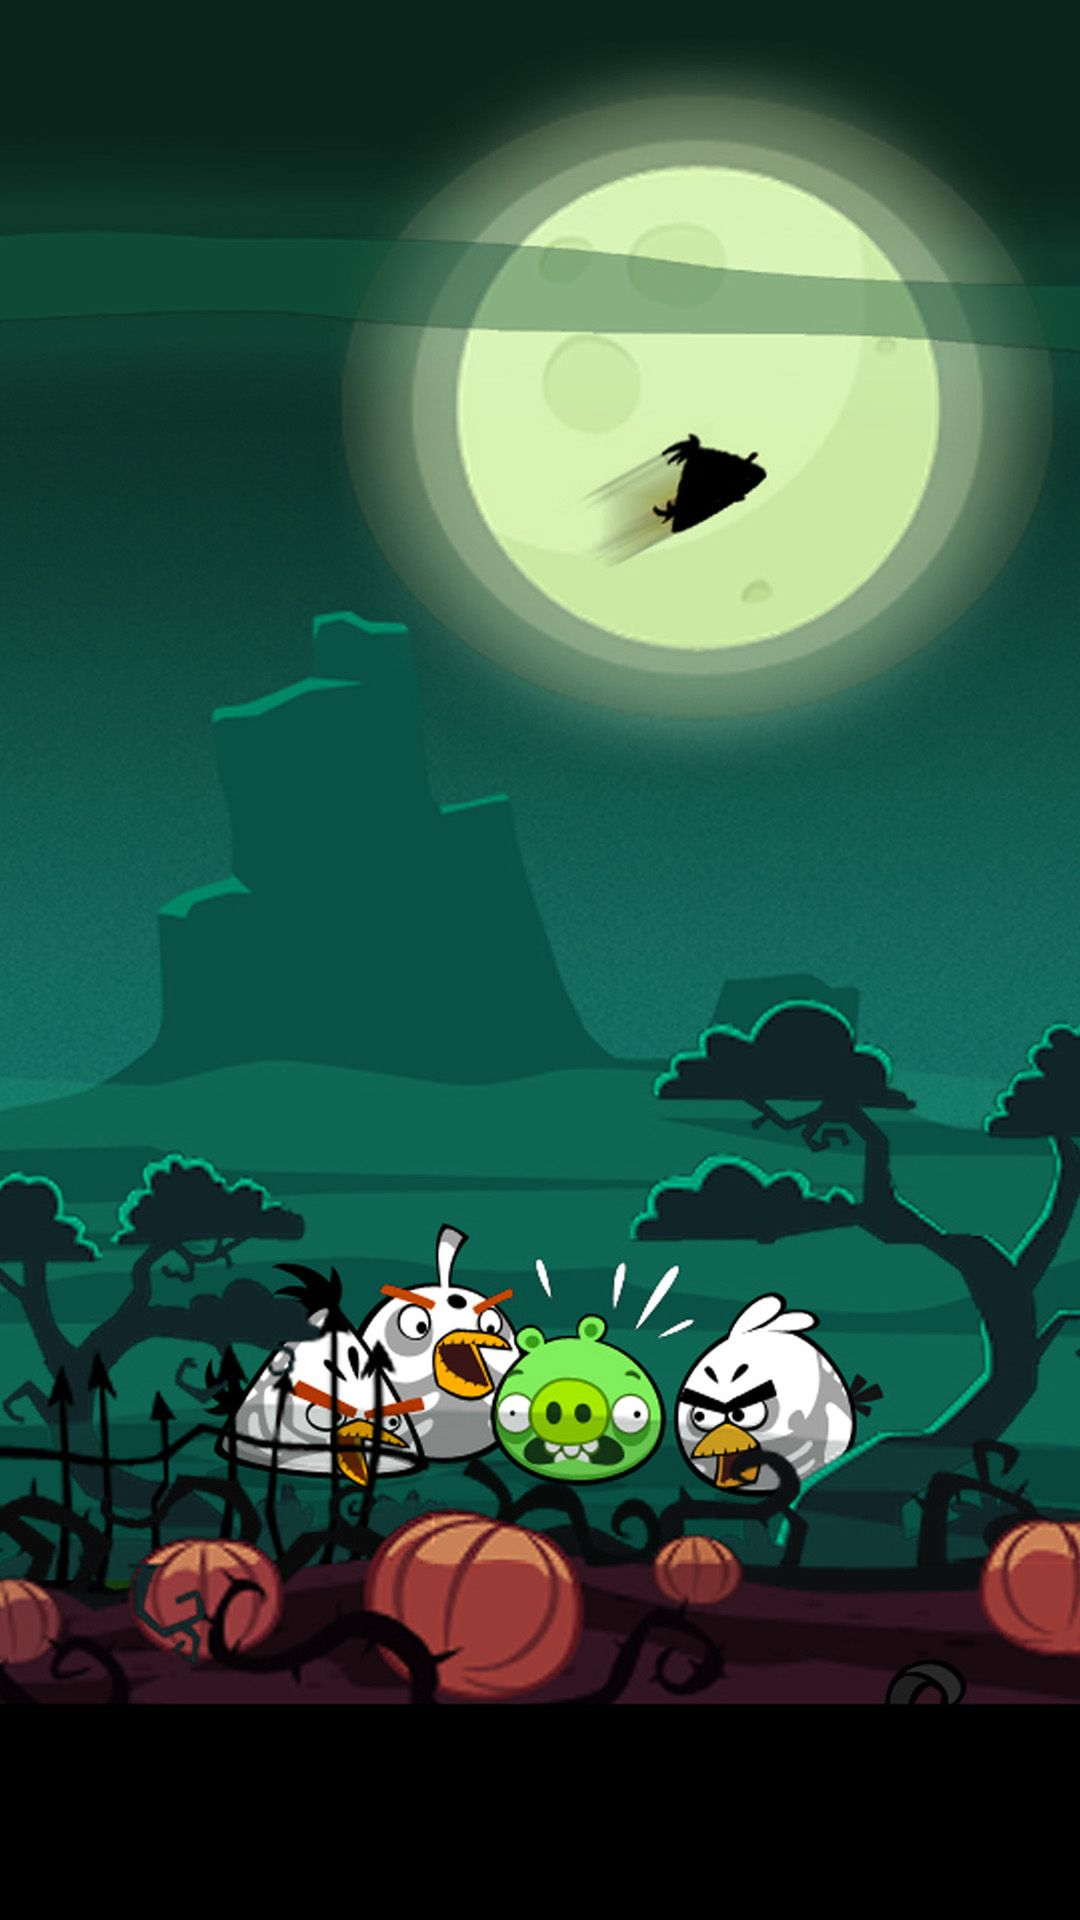 играть Angry Birds 3 - Играть в бесплатные игры …